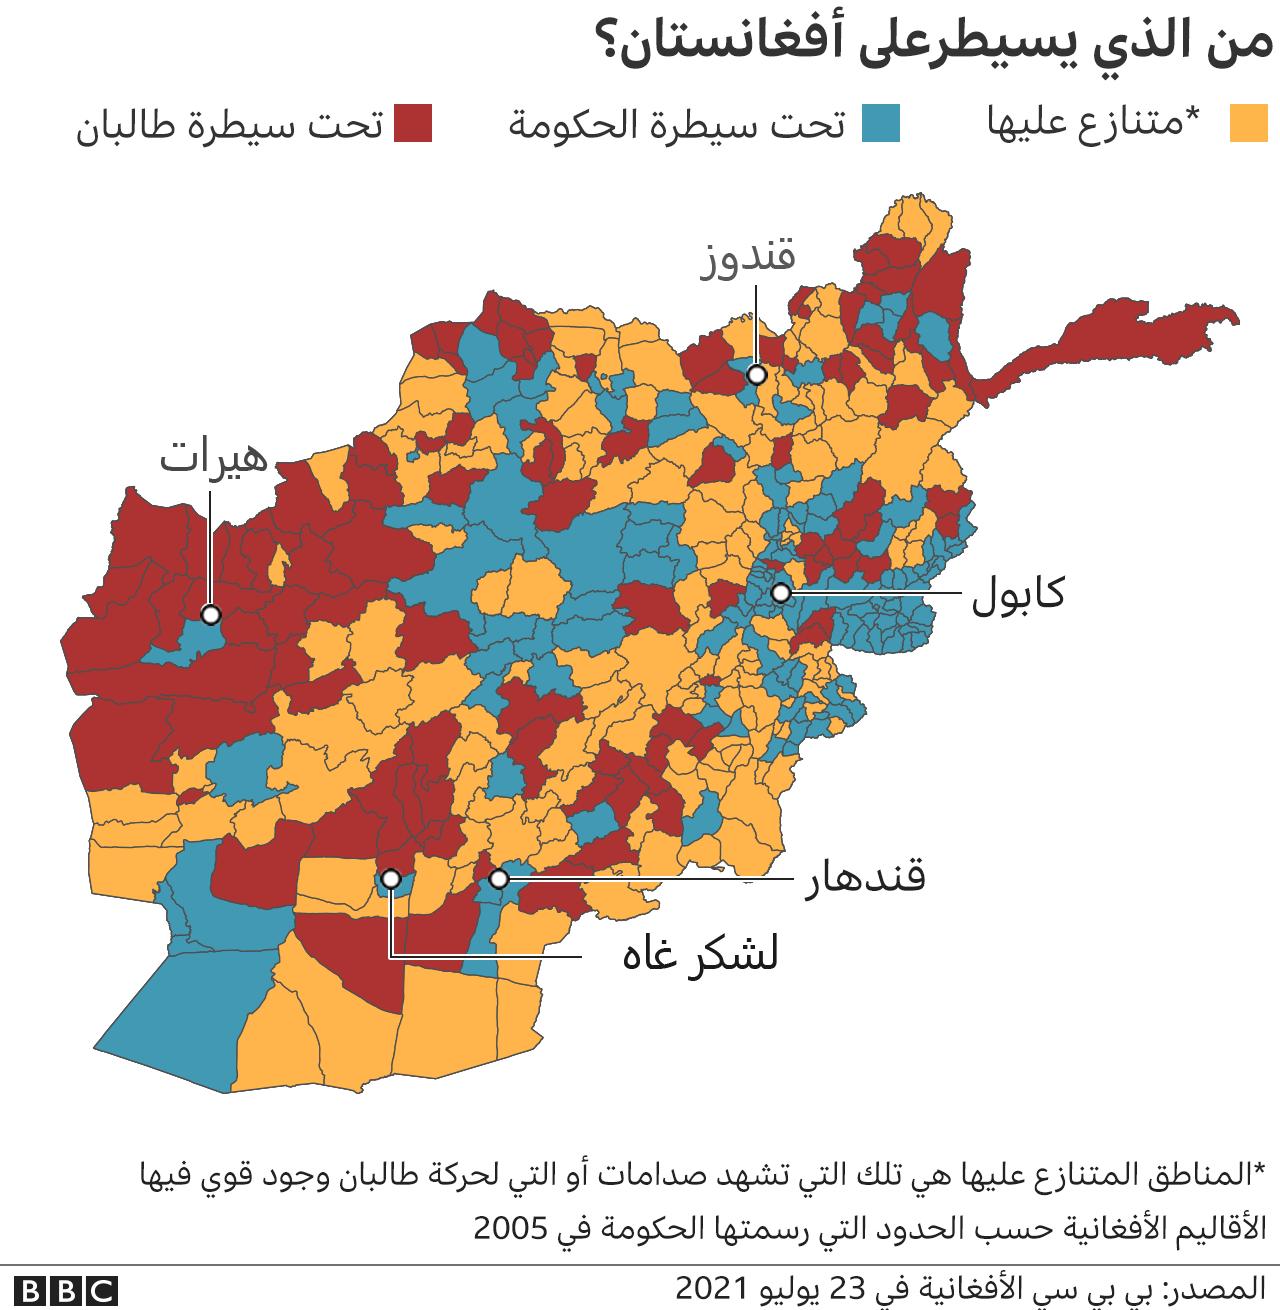 من الذي يسيطر على كل جزء من أفغانستان؟